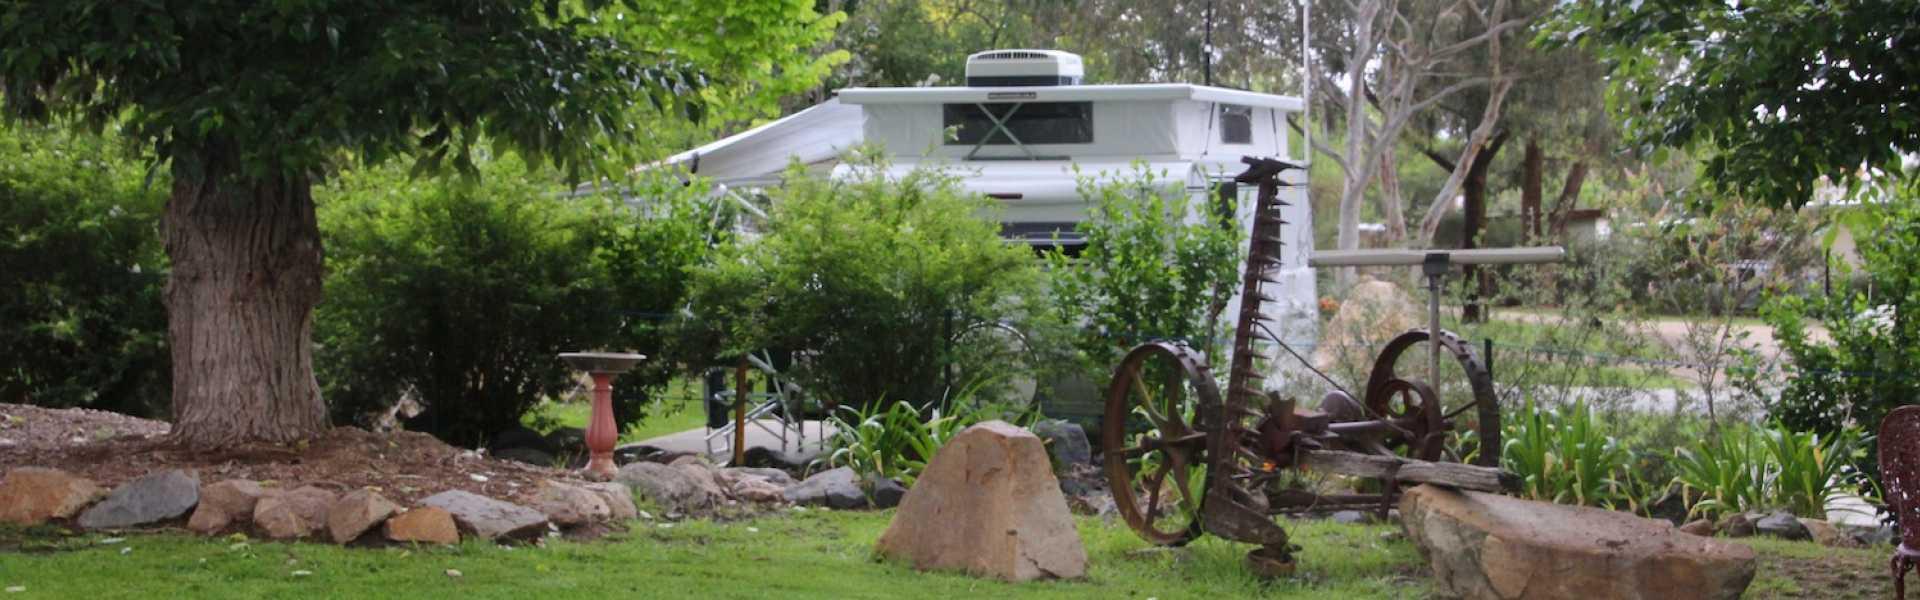 Kui Parks, Tenterfield Lodge Caravan Park, Tenterfield